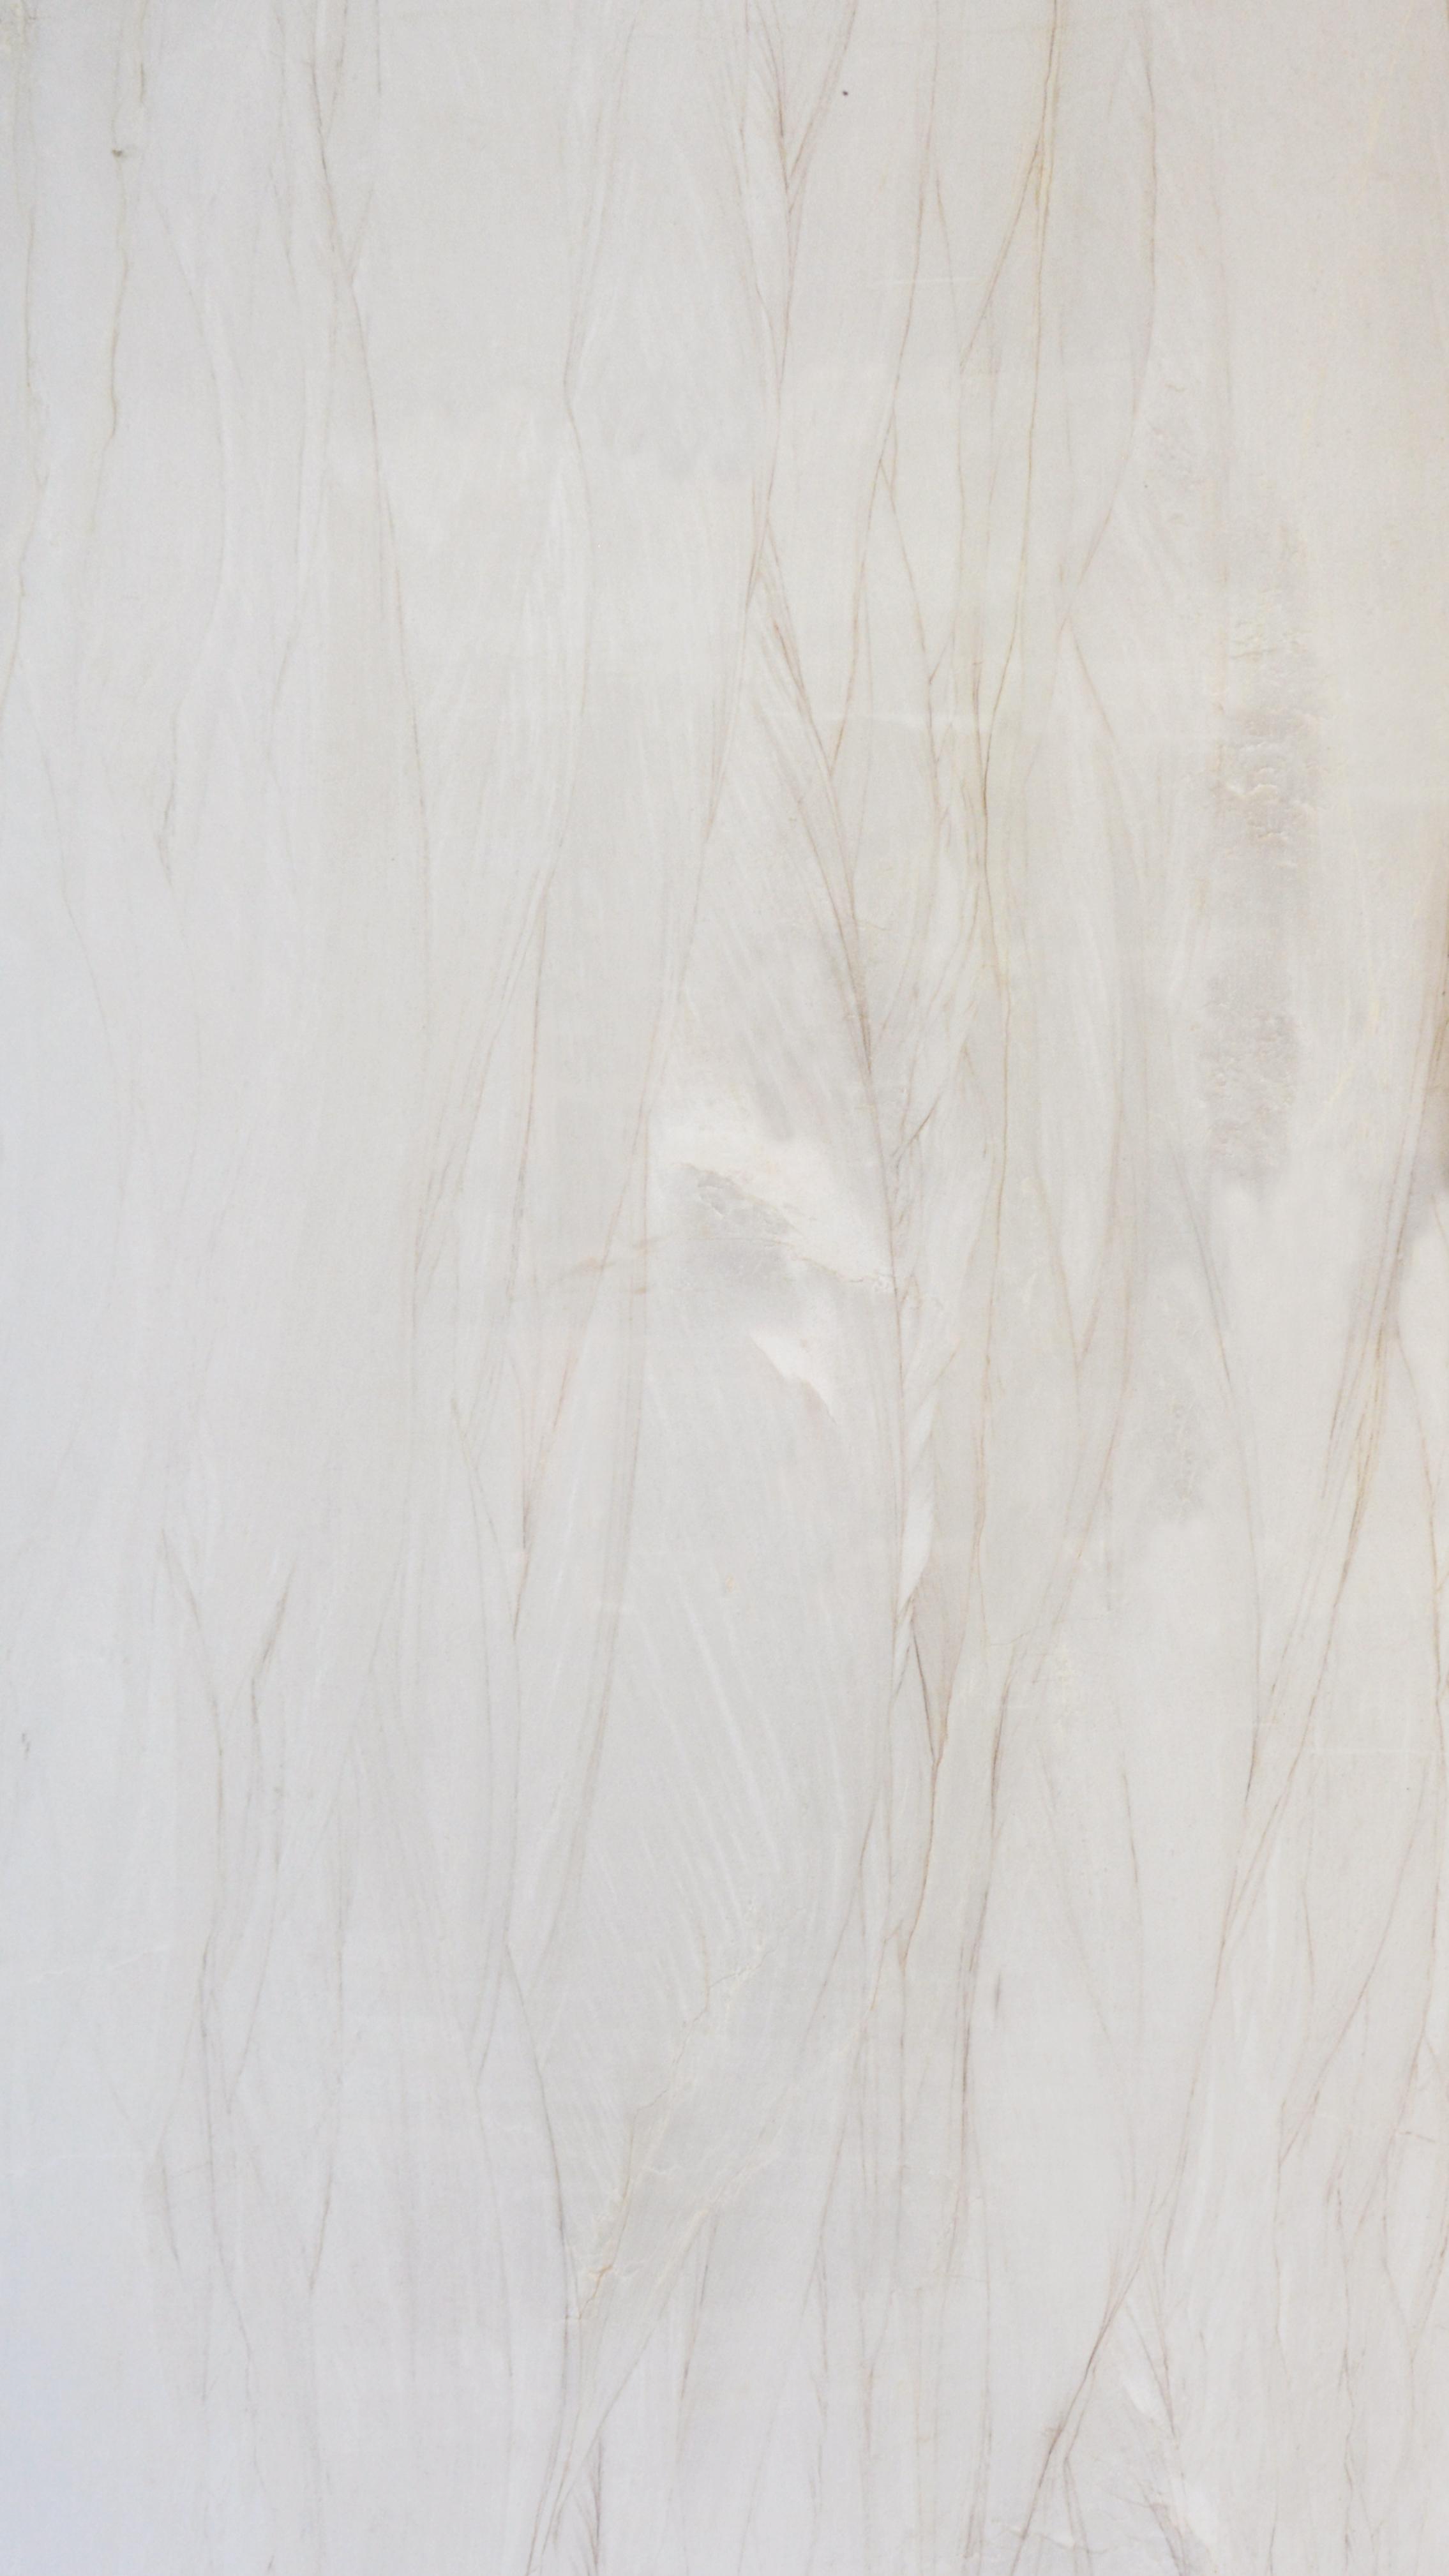 Macauba Cream Quartzite